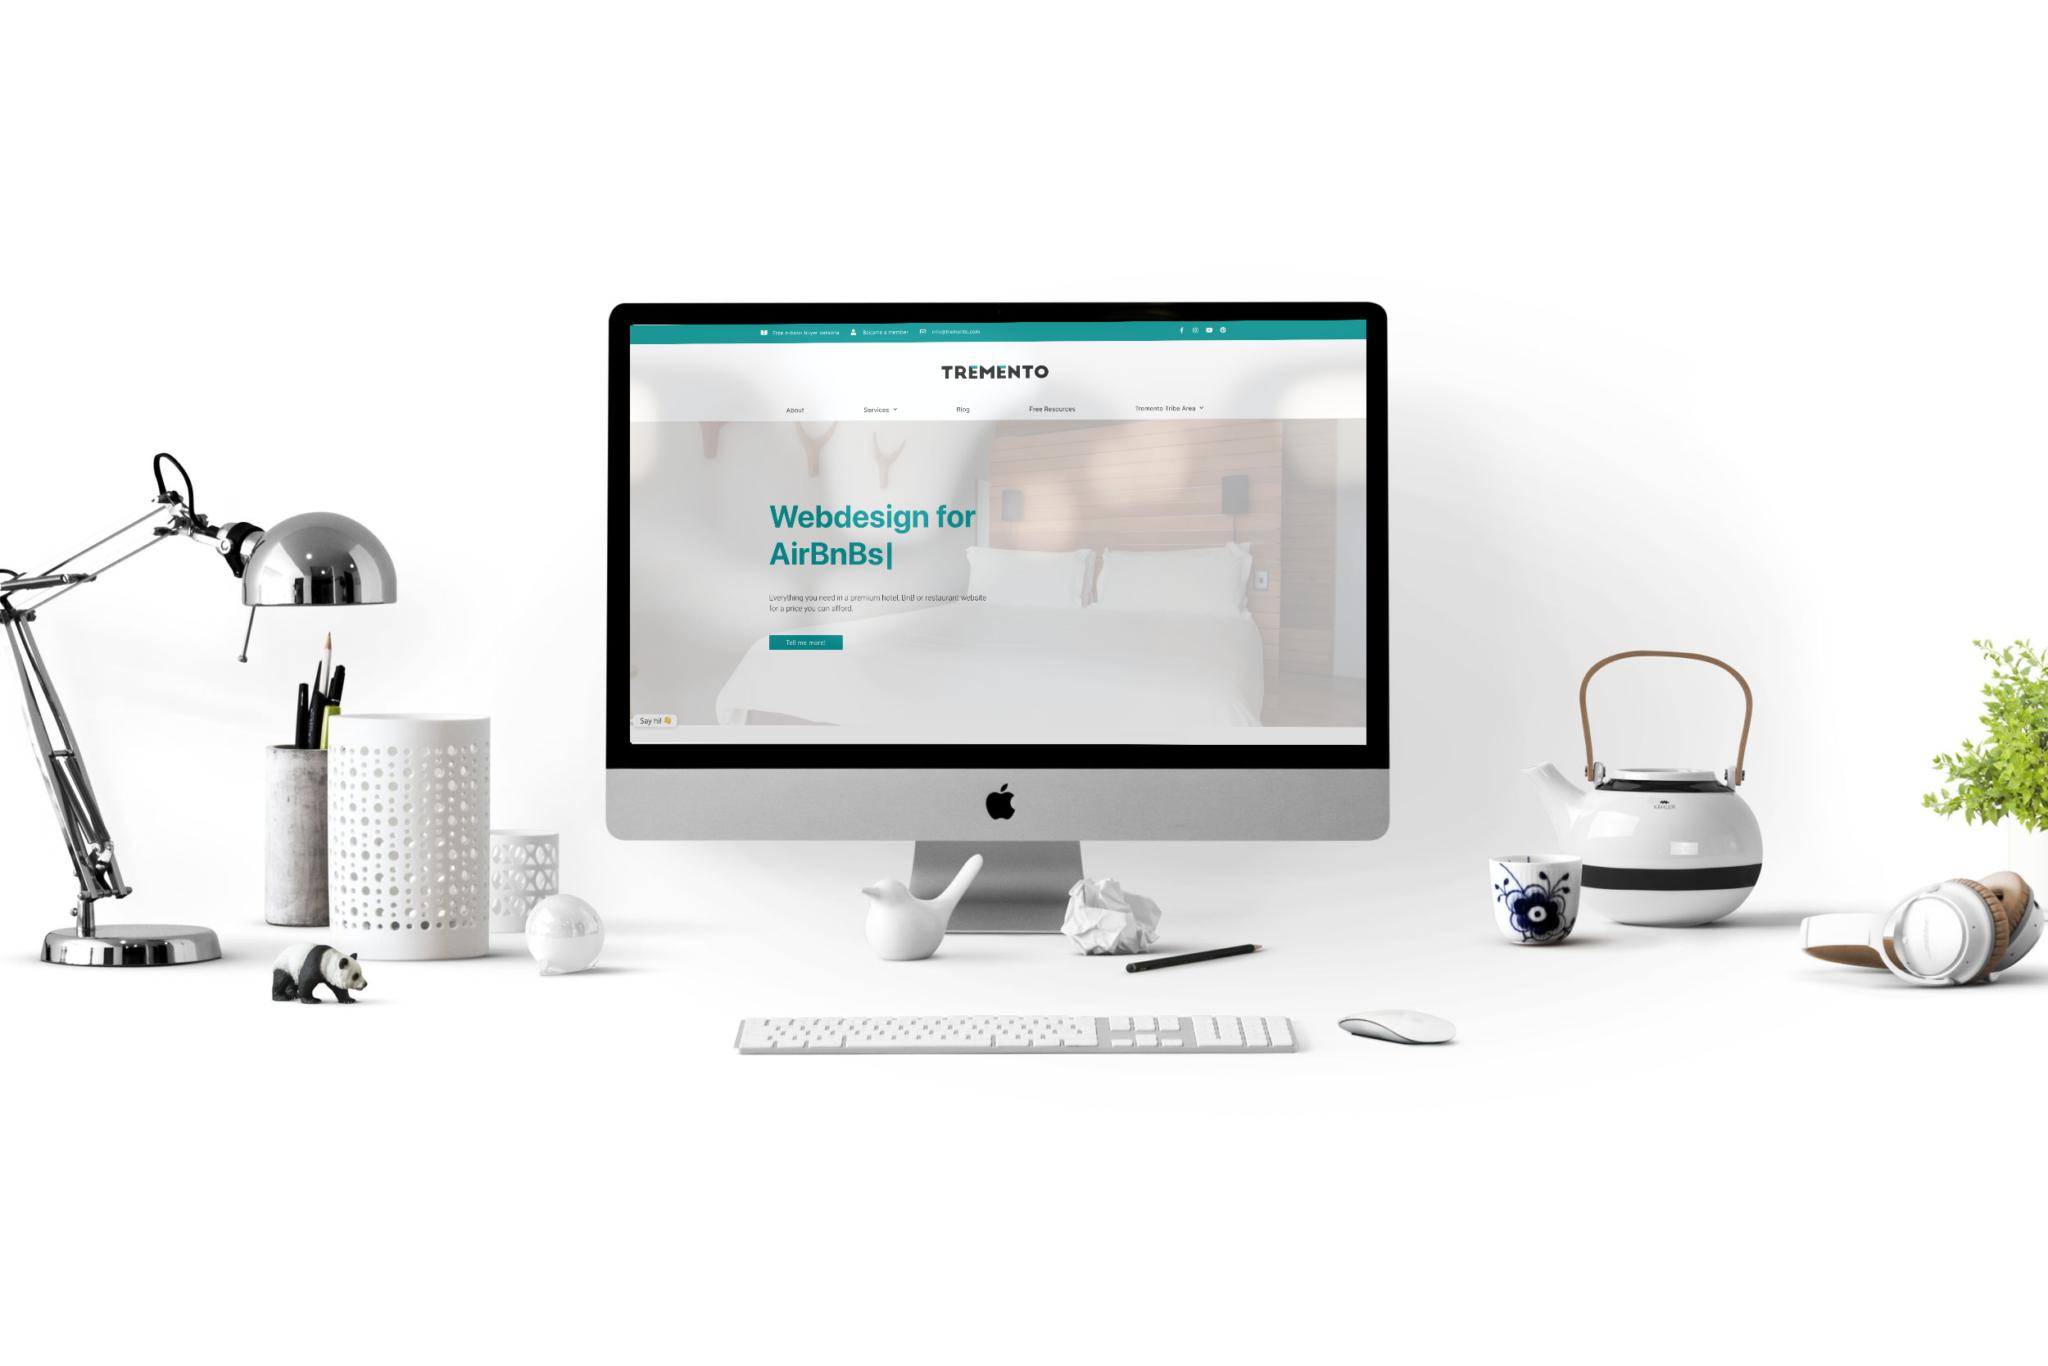 Tremento Hotel Website Design